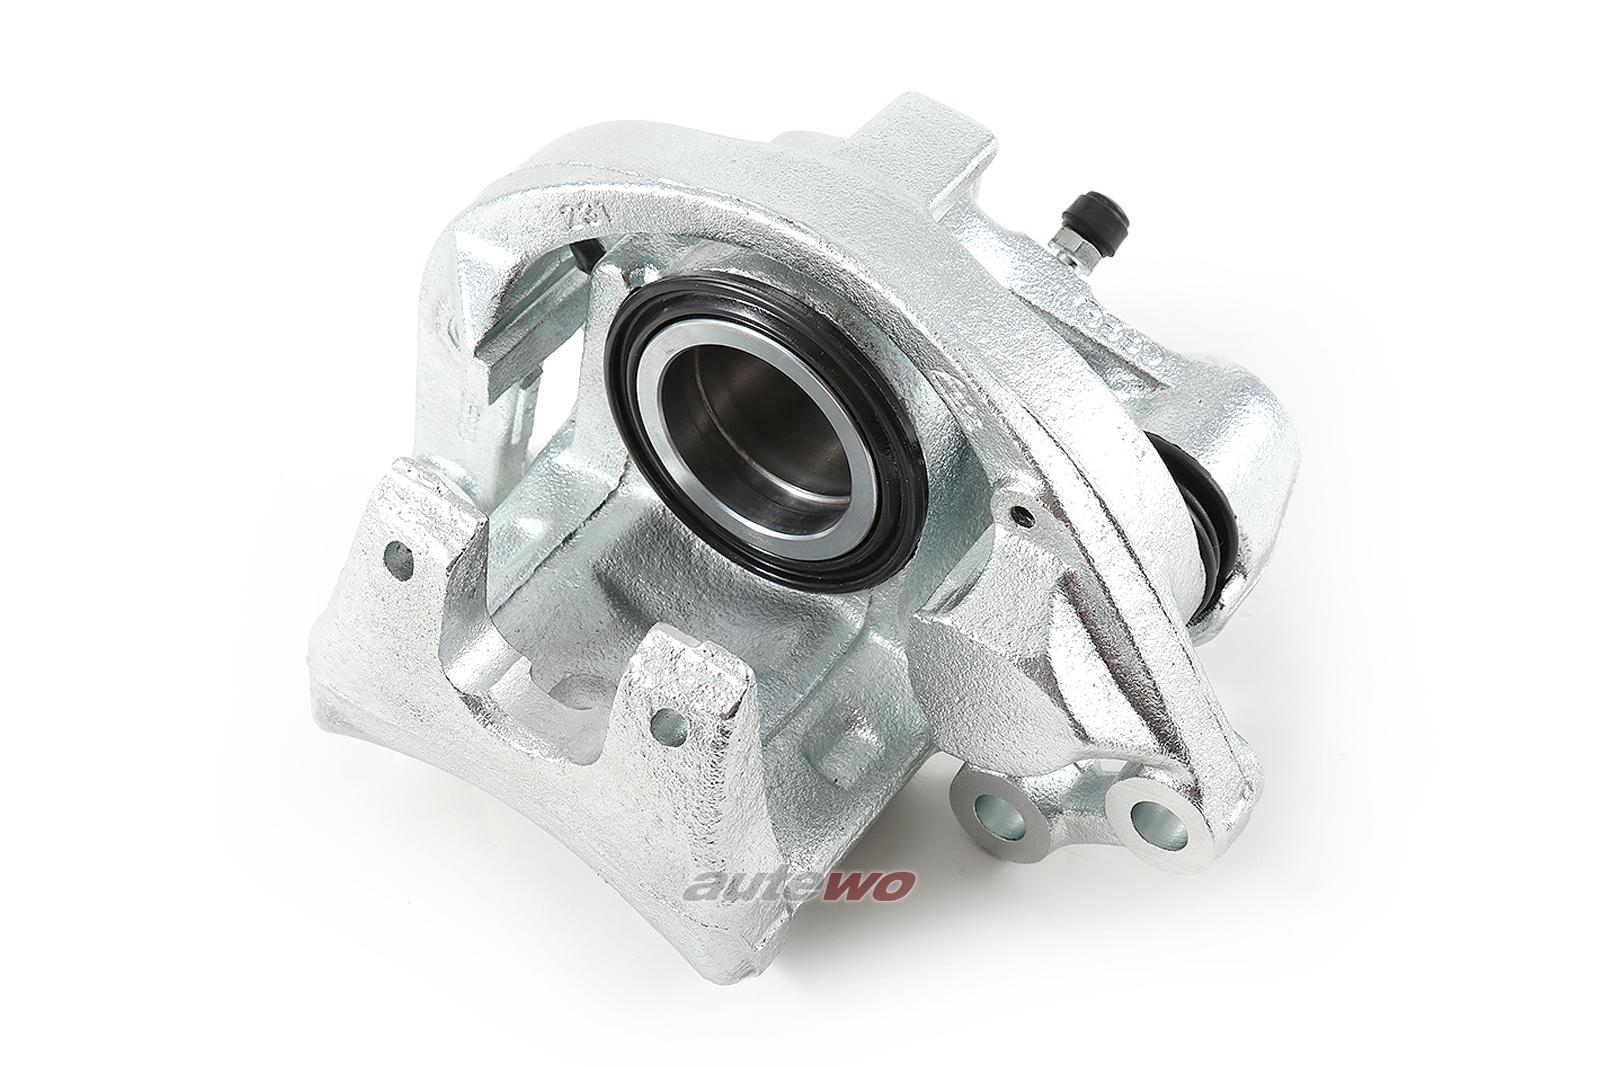 #441615107C Audi 200 Typ 44/V8 D11 UFO-Bremssattel Vorne Links aufbereitet